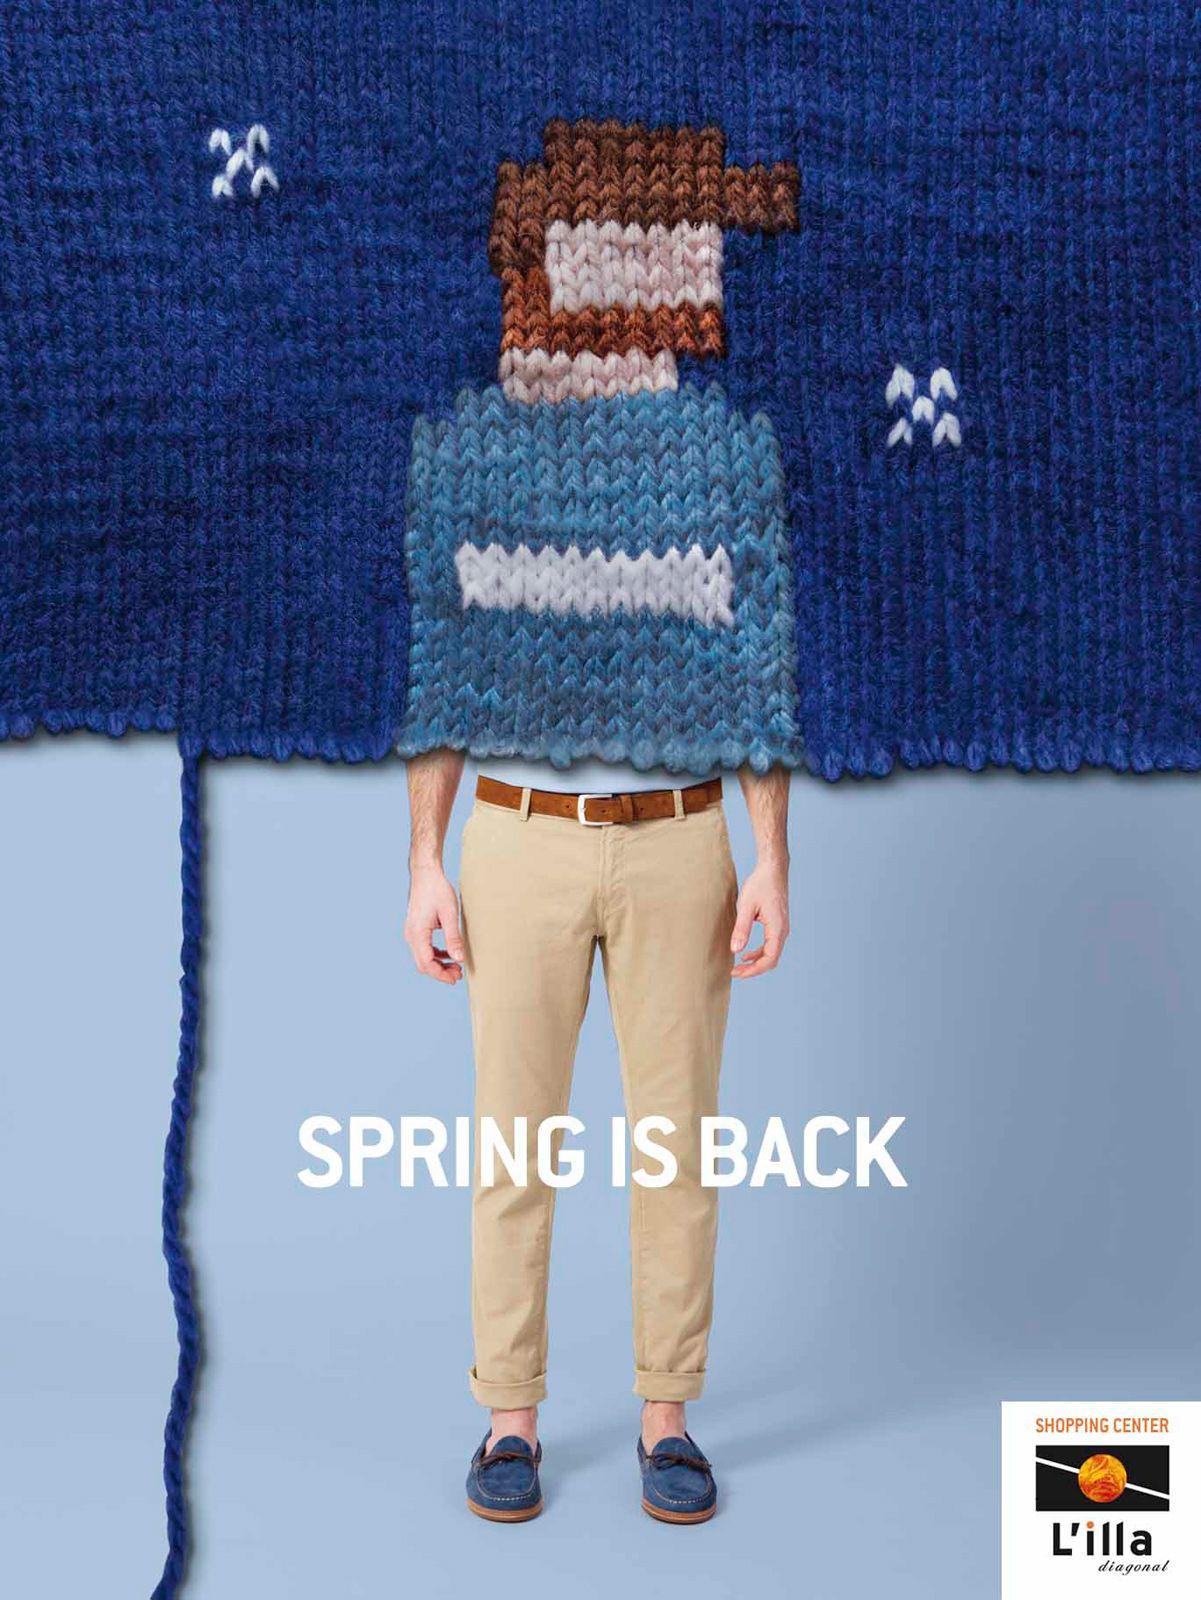 L'illa Diagonal: Spring is back. Agency: DDB, Spain